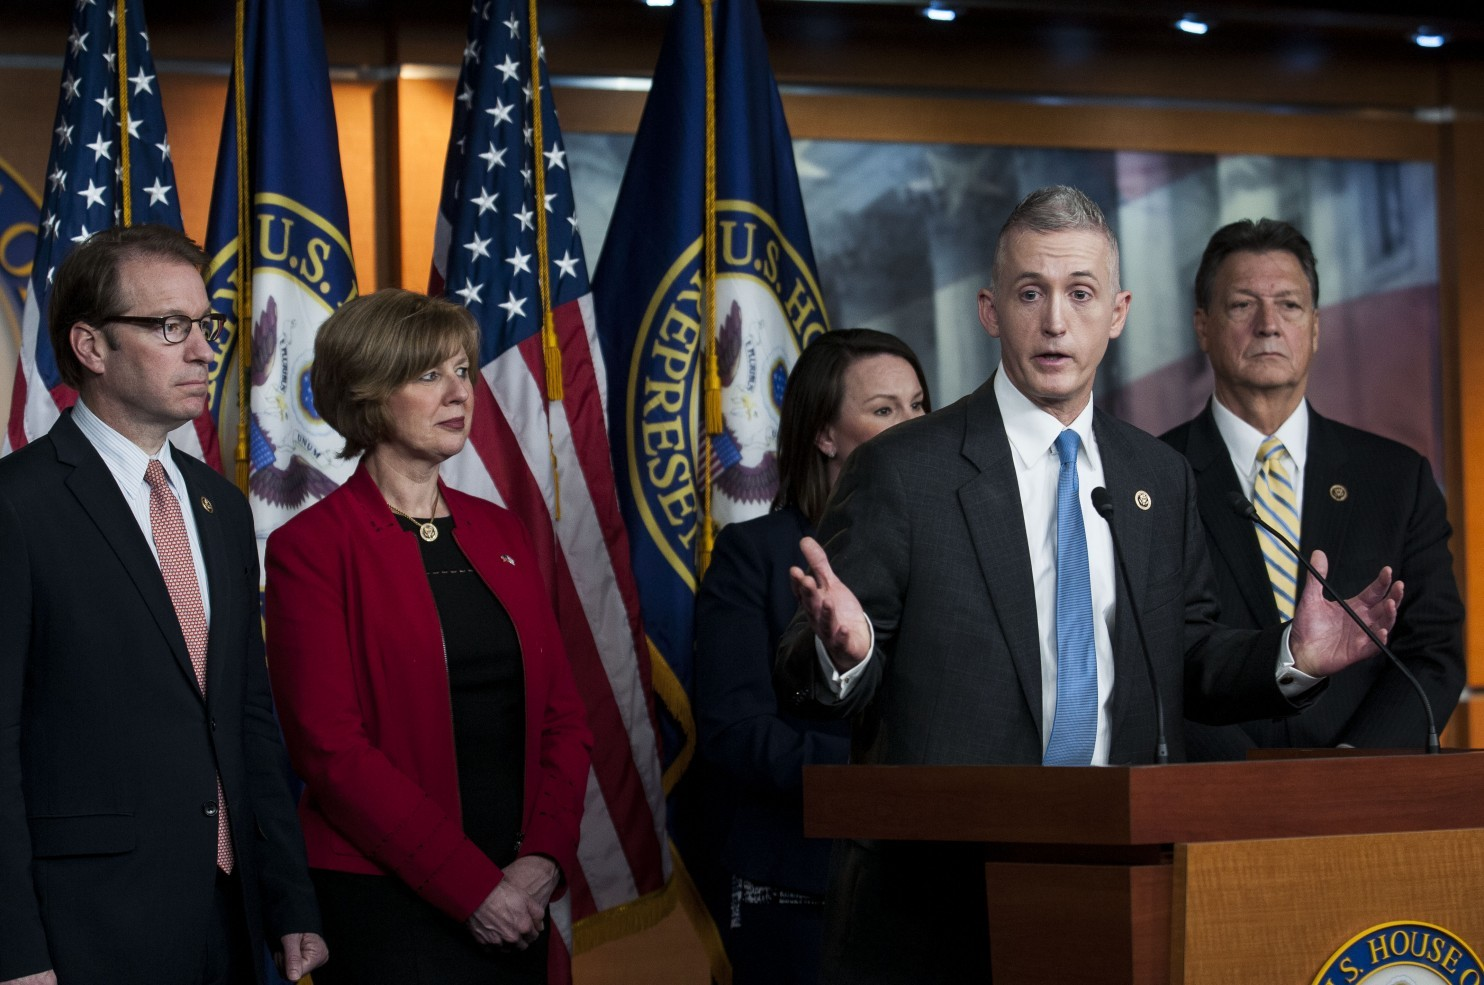 Le président Trey Gowdy (républicain - Caroline du Sud) et des membres de la Commission spéciale sur Benghazi prennent la parole au sujet de la découverte des emails personnels de l'ancienne secrétaire d'État Hillary Clinton durant une conférence de presse au Capitole des États-Unis en mars 2015. (Gabriella Demczuk/Getty Images)